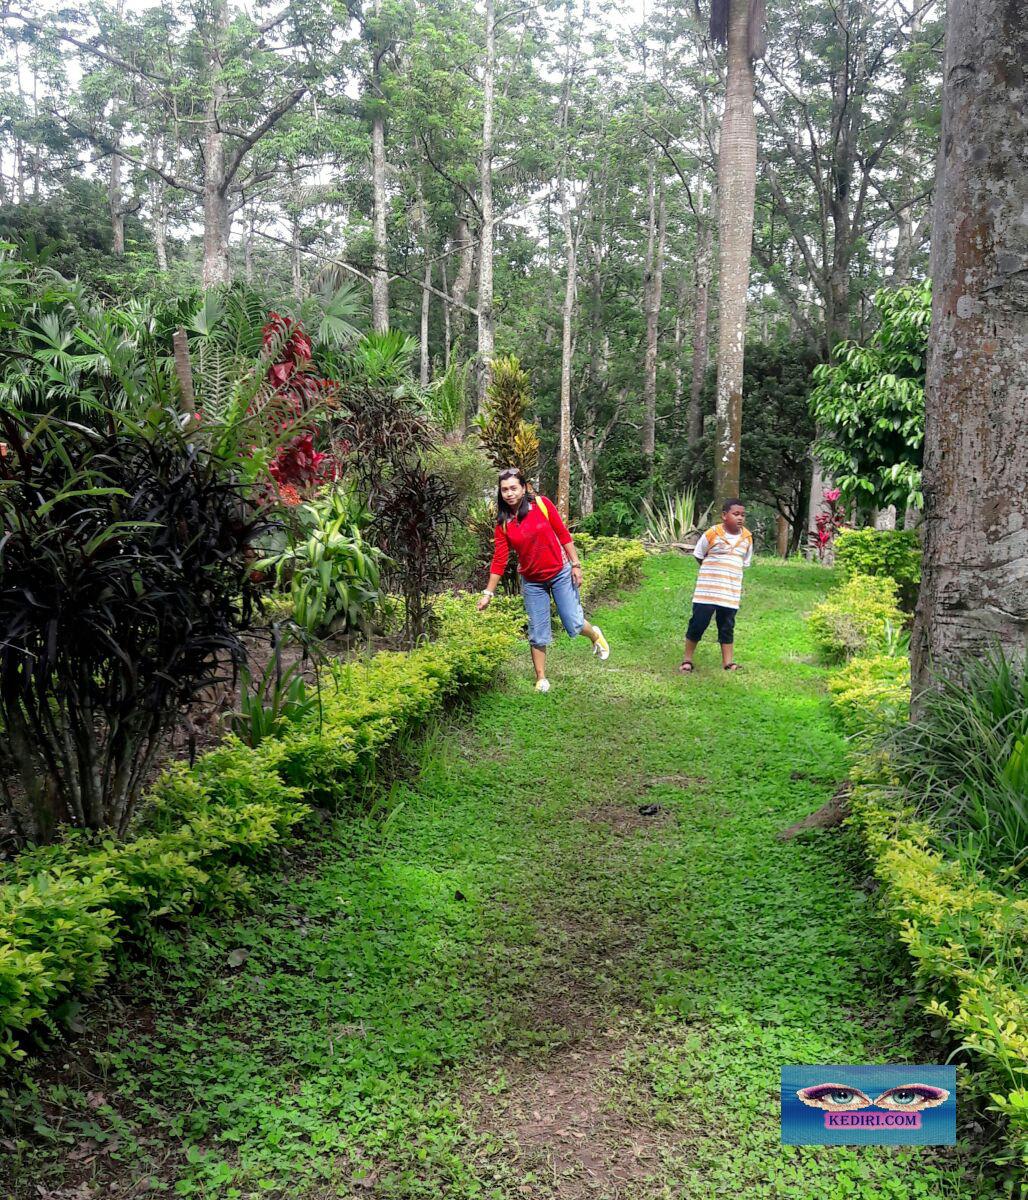 Resort Kelir Kediri Tempat Wisata Tengah Hutan Menurut Beliau Taman